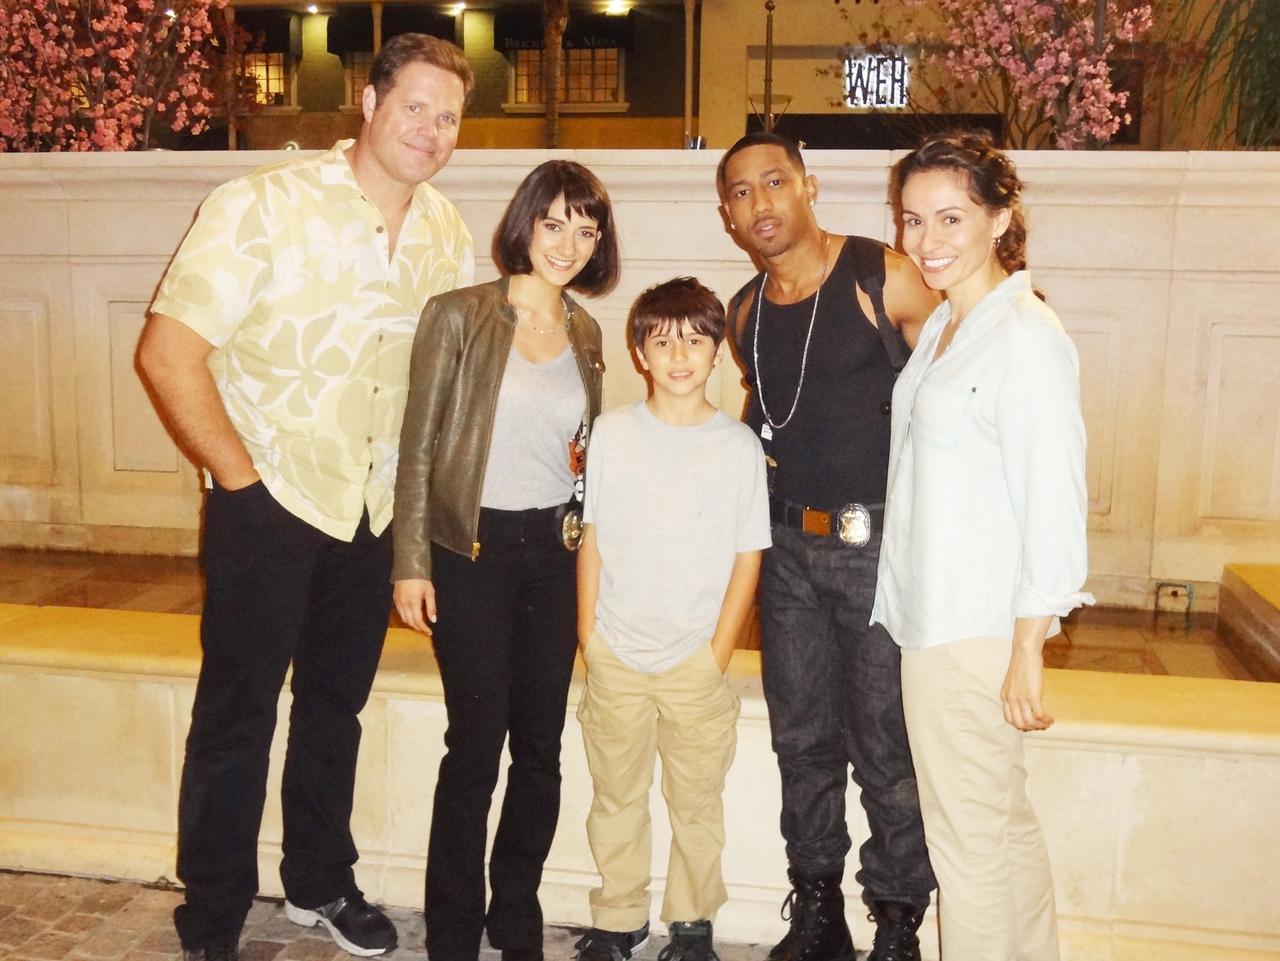 دیوید دنمان در صحنه فیلم سینمایی Beverly Hills Cop به همراه Presciliana Esparolini، Brandon T. Jackson و شیلا وند